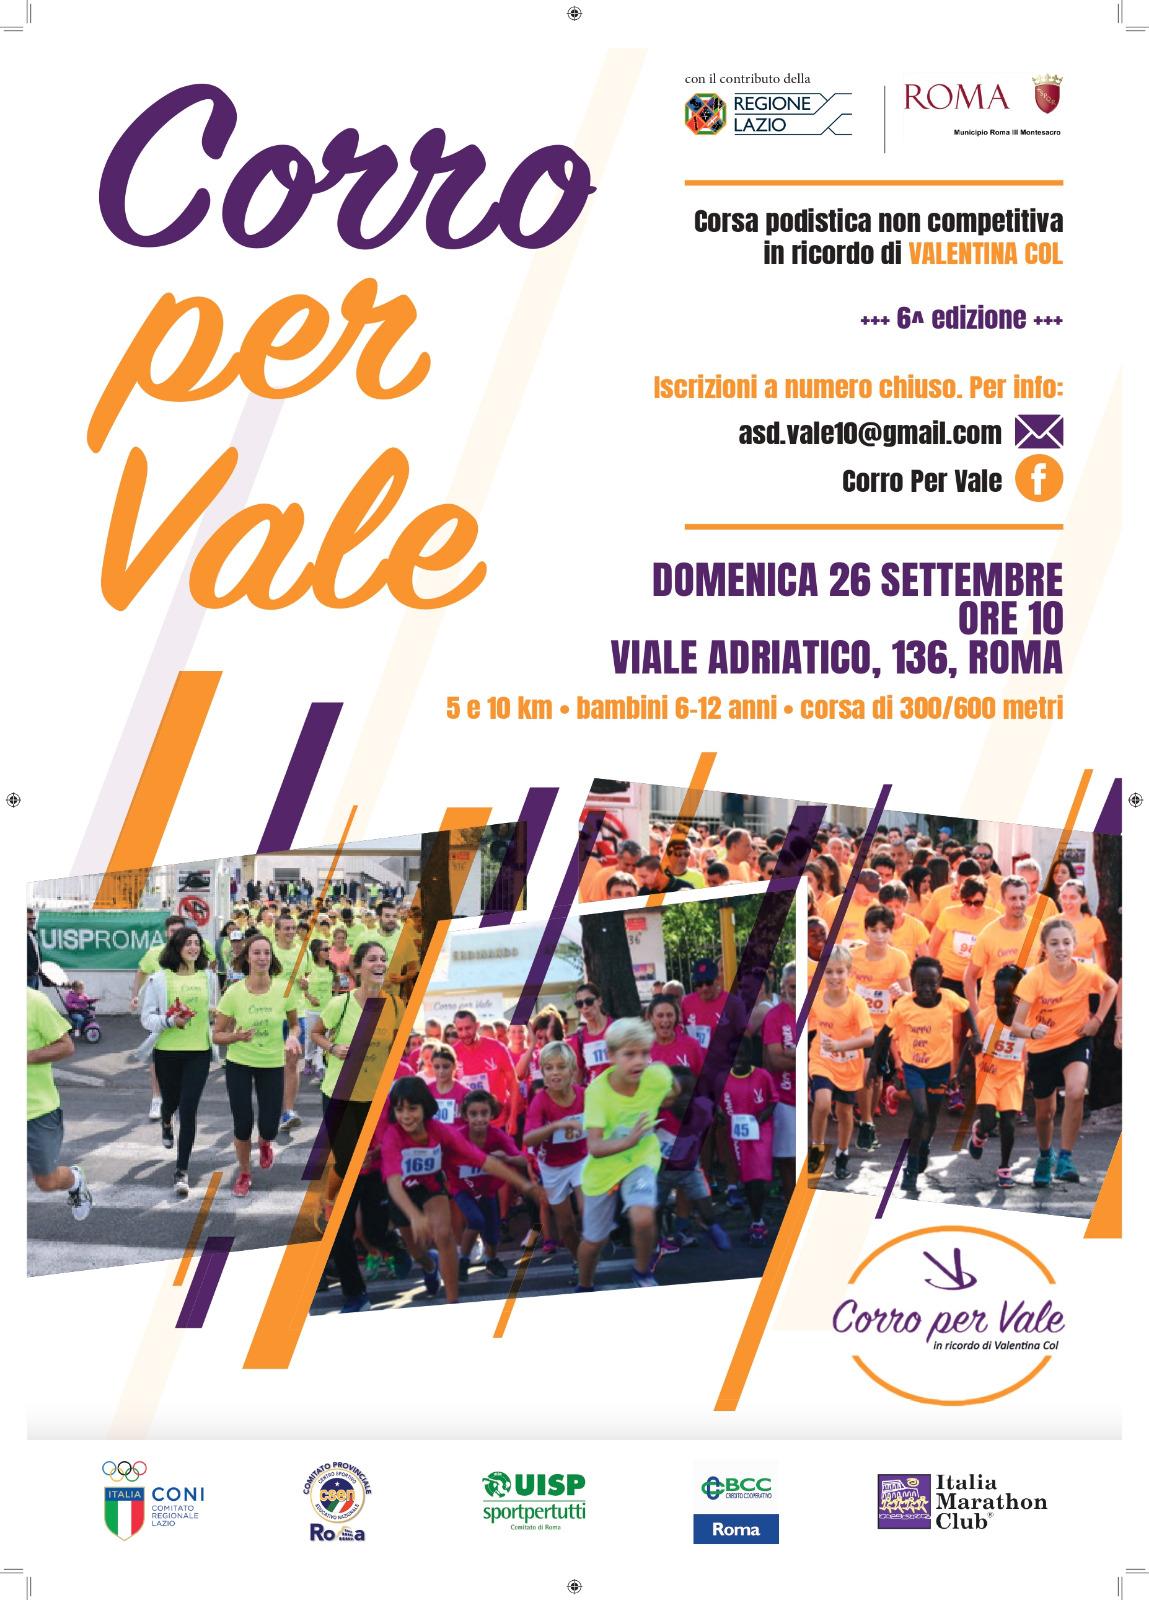 Corro per Vale, domenica 26 settembre la 6° edizione